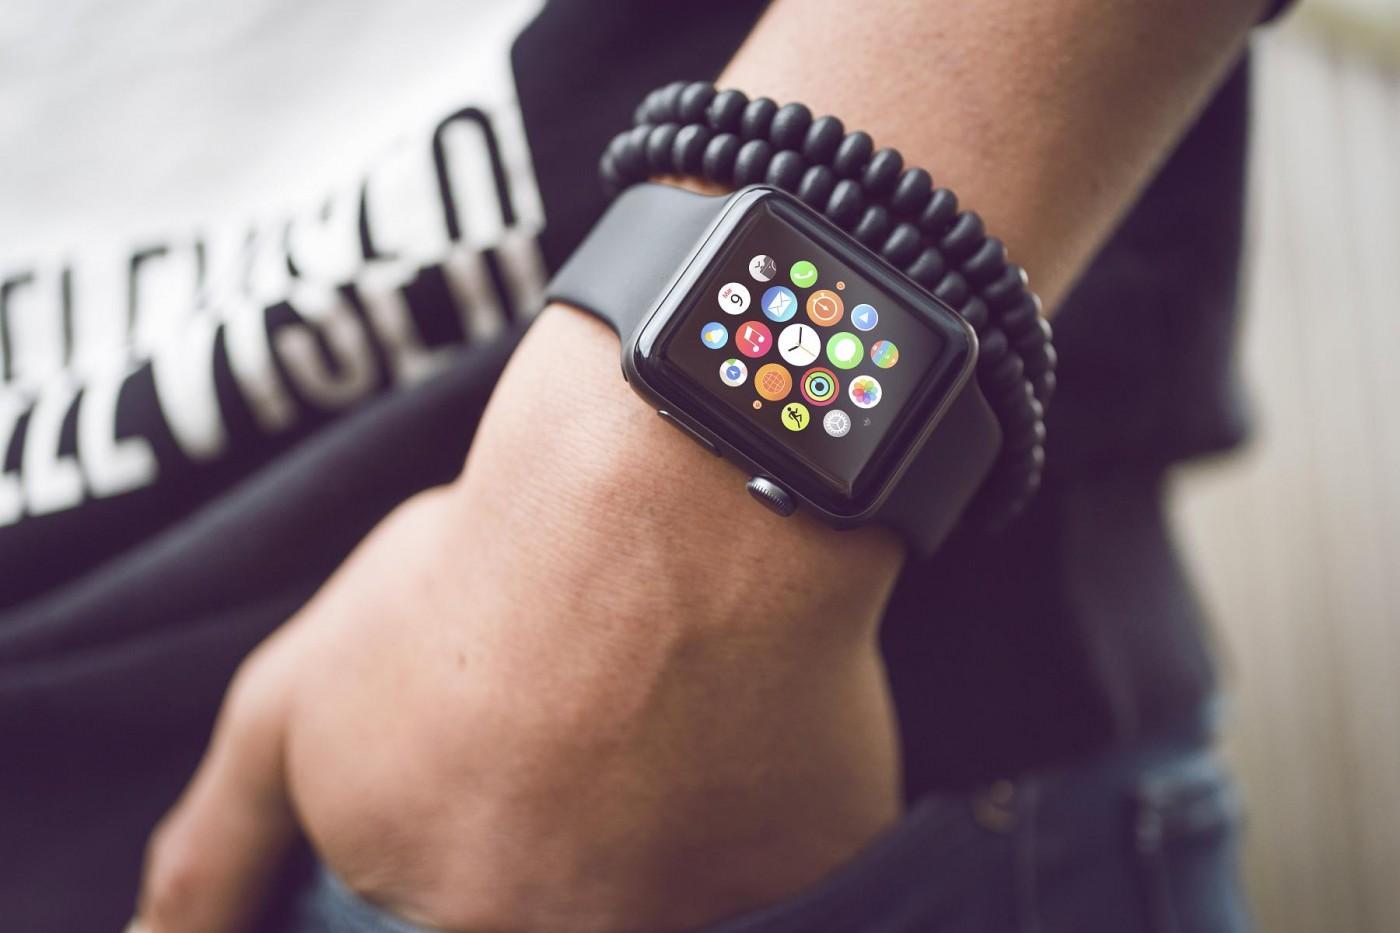 省下病患自行記錄麻煩,Apple Watch將可追蹤帕金森氏症病況